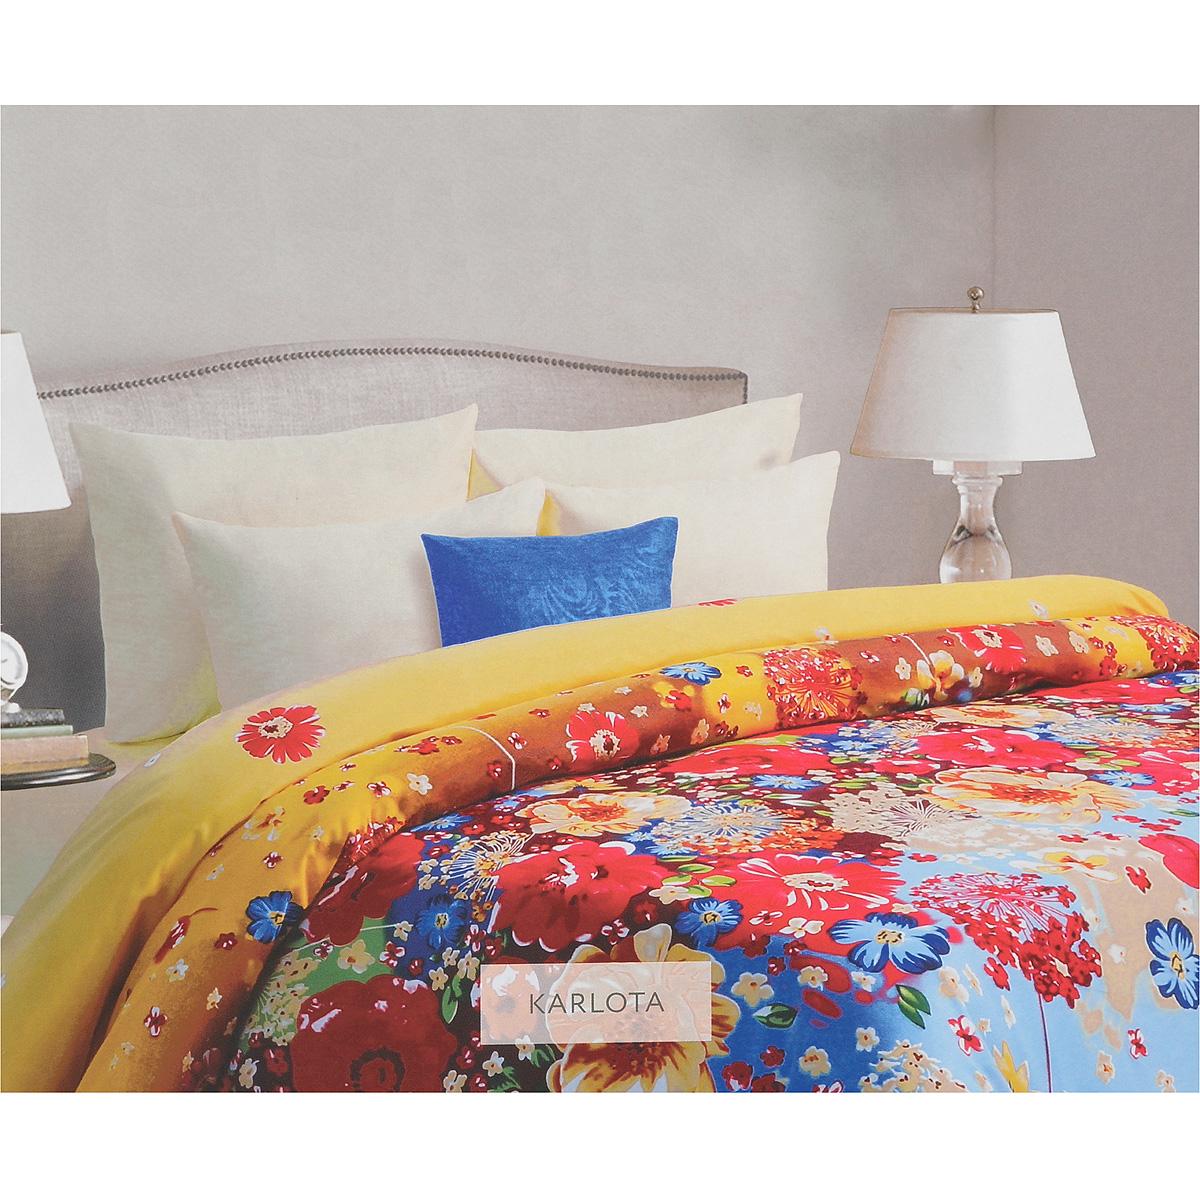 Комплект белья Mona Liza Karlota, семейный, наволочки 50х70, цвет: желтый, голубой. 562407/5562407/5Комплект белья Mona Liza Karlota, выполненный из батиста (100% хлопок), состоит из двух пододеяльников, простыни и двух наволочек. Изделия оформлены красивым цветочным рисунком. Батист - тонкая, легкая натуральная ткань полотняного переплетения. Ткань с незначительной сминаемостью, хорошо сохраняющая цвет при стирке, легкая, с прекрасными гигиеническими показателями. В комплект входит: Пододеяльник - 2 шт. Размер: 145 см х 210 см. Простыня - 1 шт. Размер: 215 см х 240 см. Наволочка - 2 шт. Размер: 50 см х 70 см. Рекомендации по уходу: - Ручная и машинная стирка 40°С, - Гладить при температуре не более 150°С, - Не использовать хлорсодержащие средства, - Щадящая сушка, - Не подвергать химчистке.